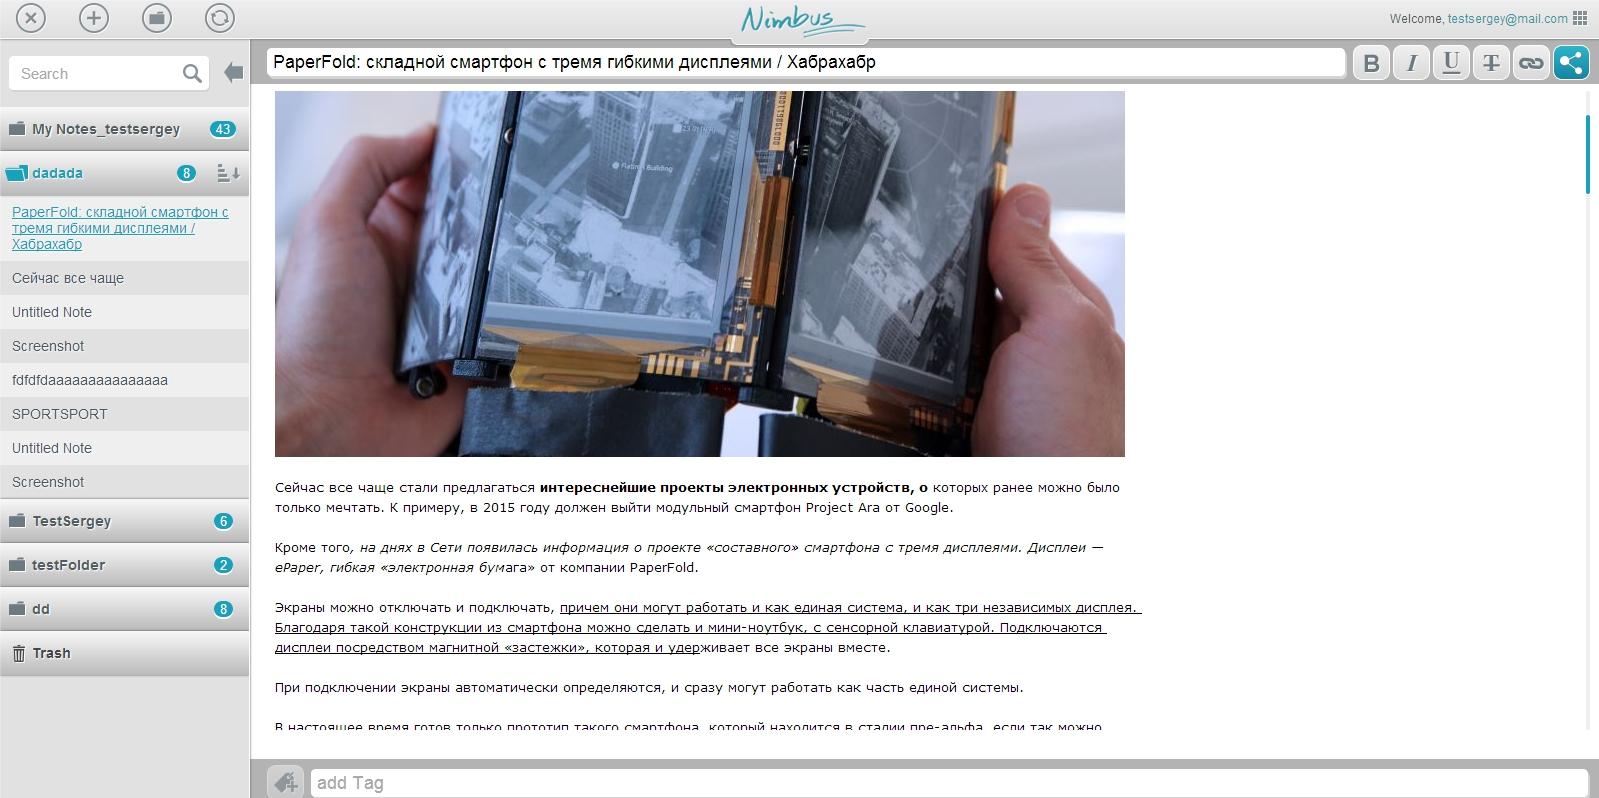 Два удобных приложения для работы с заметками в Chrome